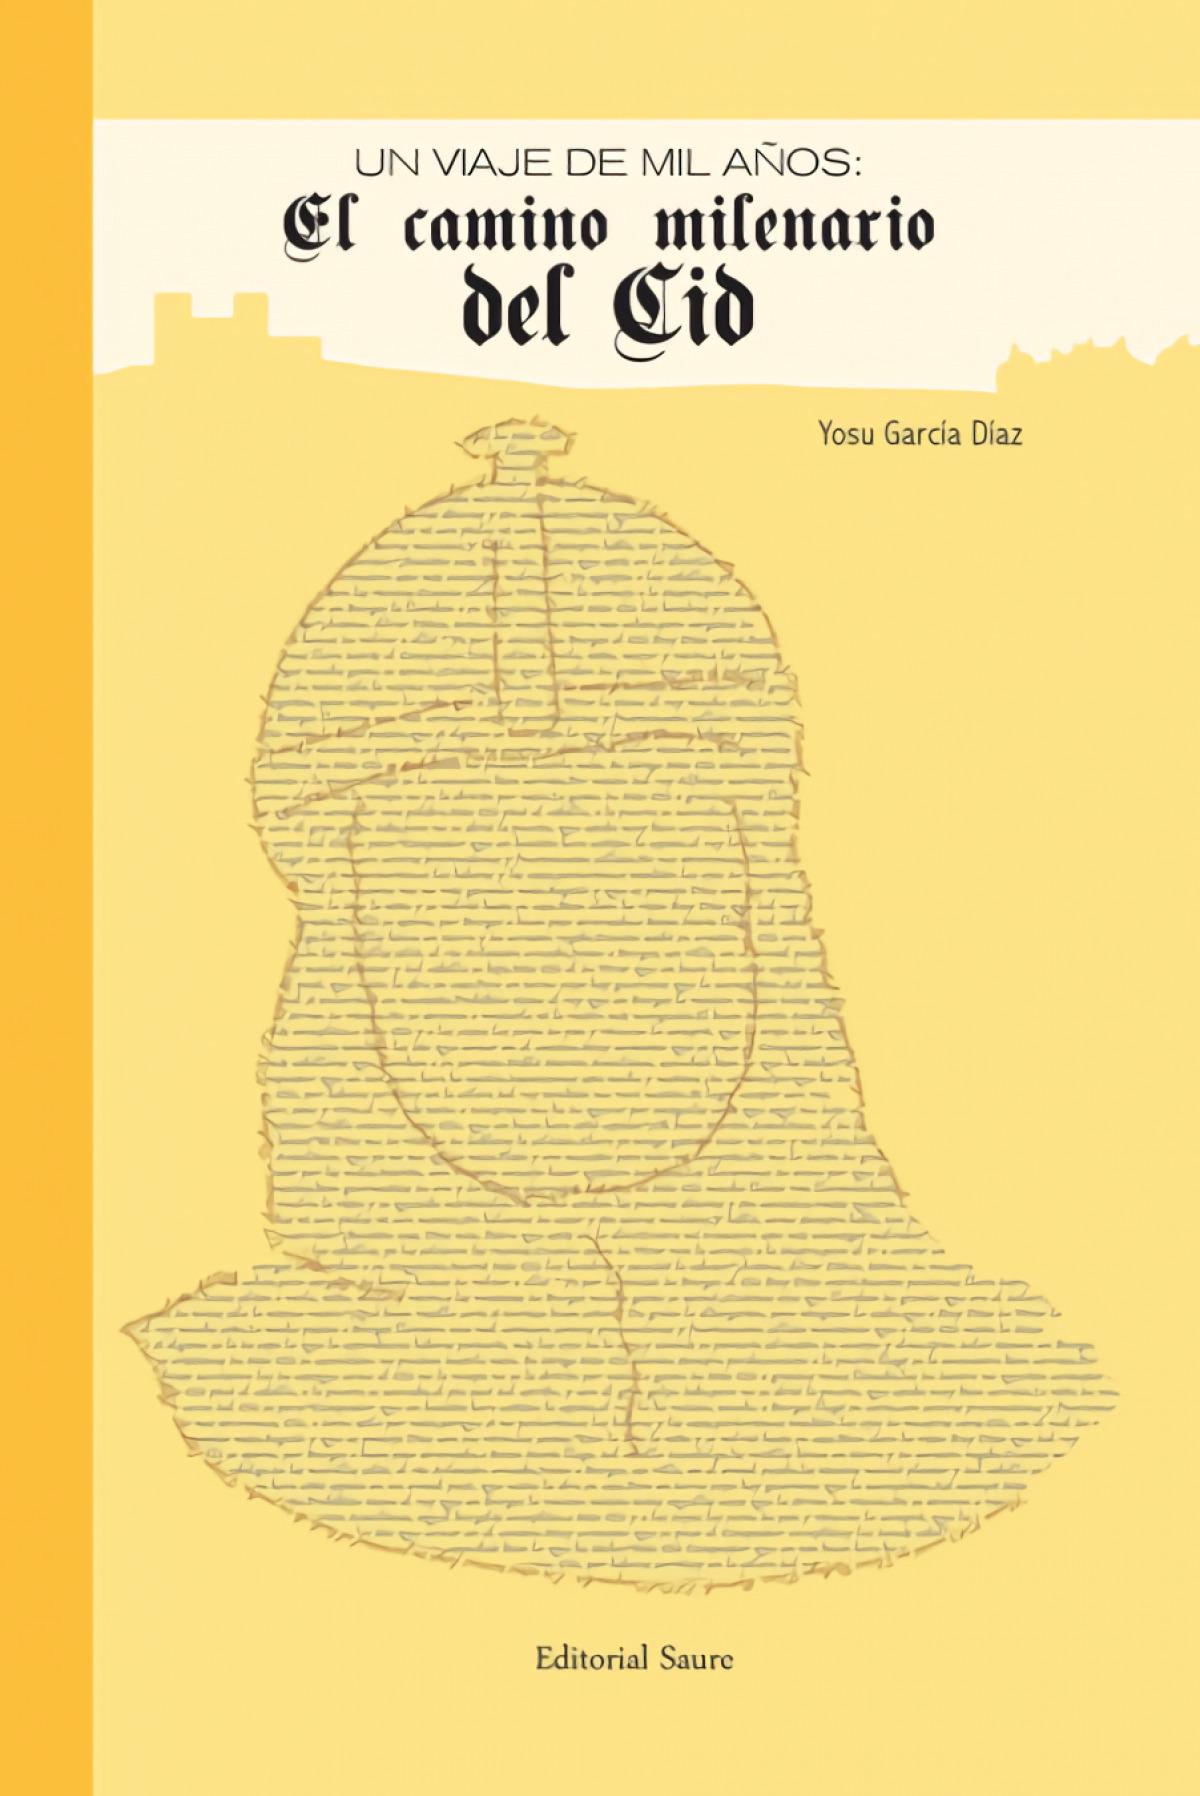 El camino milenario del Cid 9788416197941